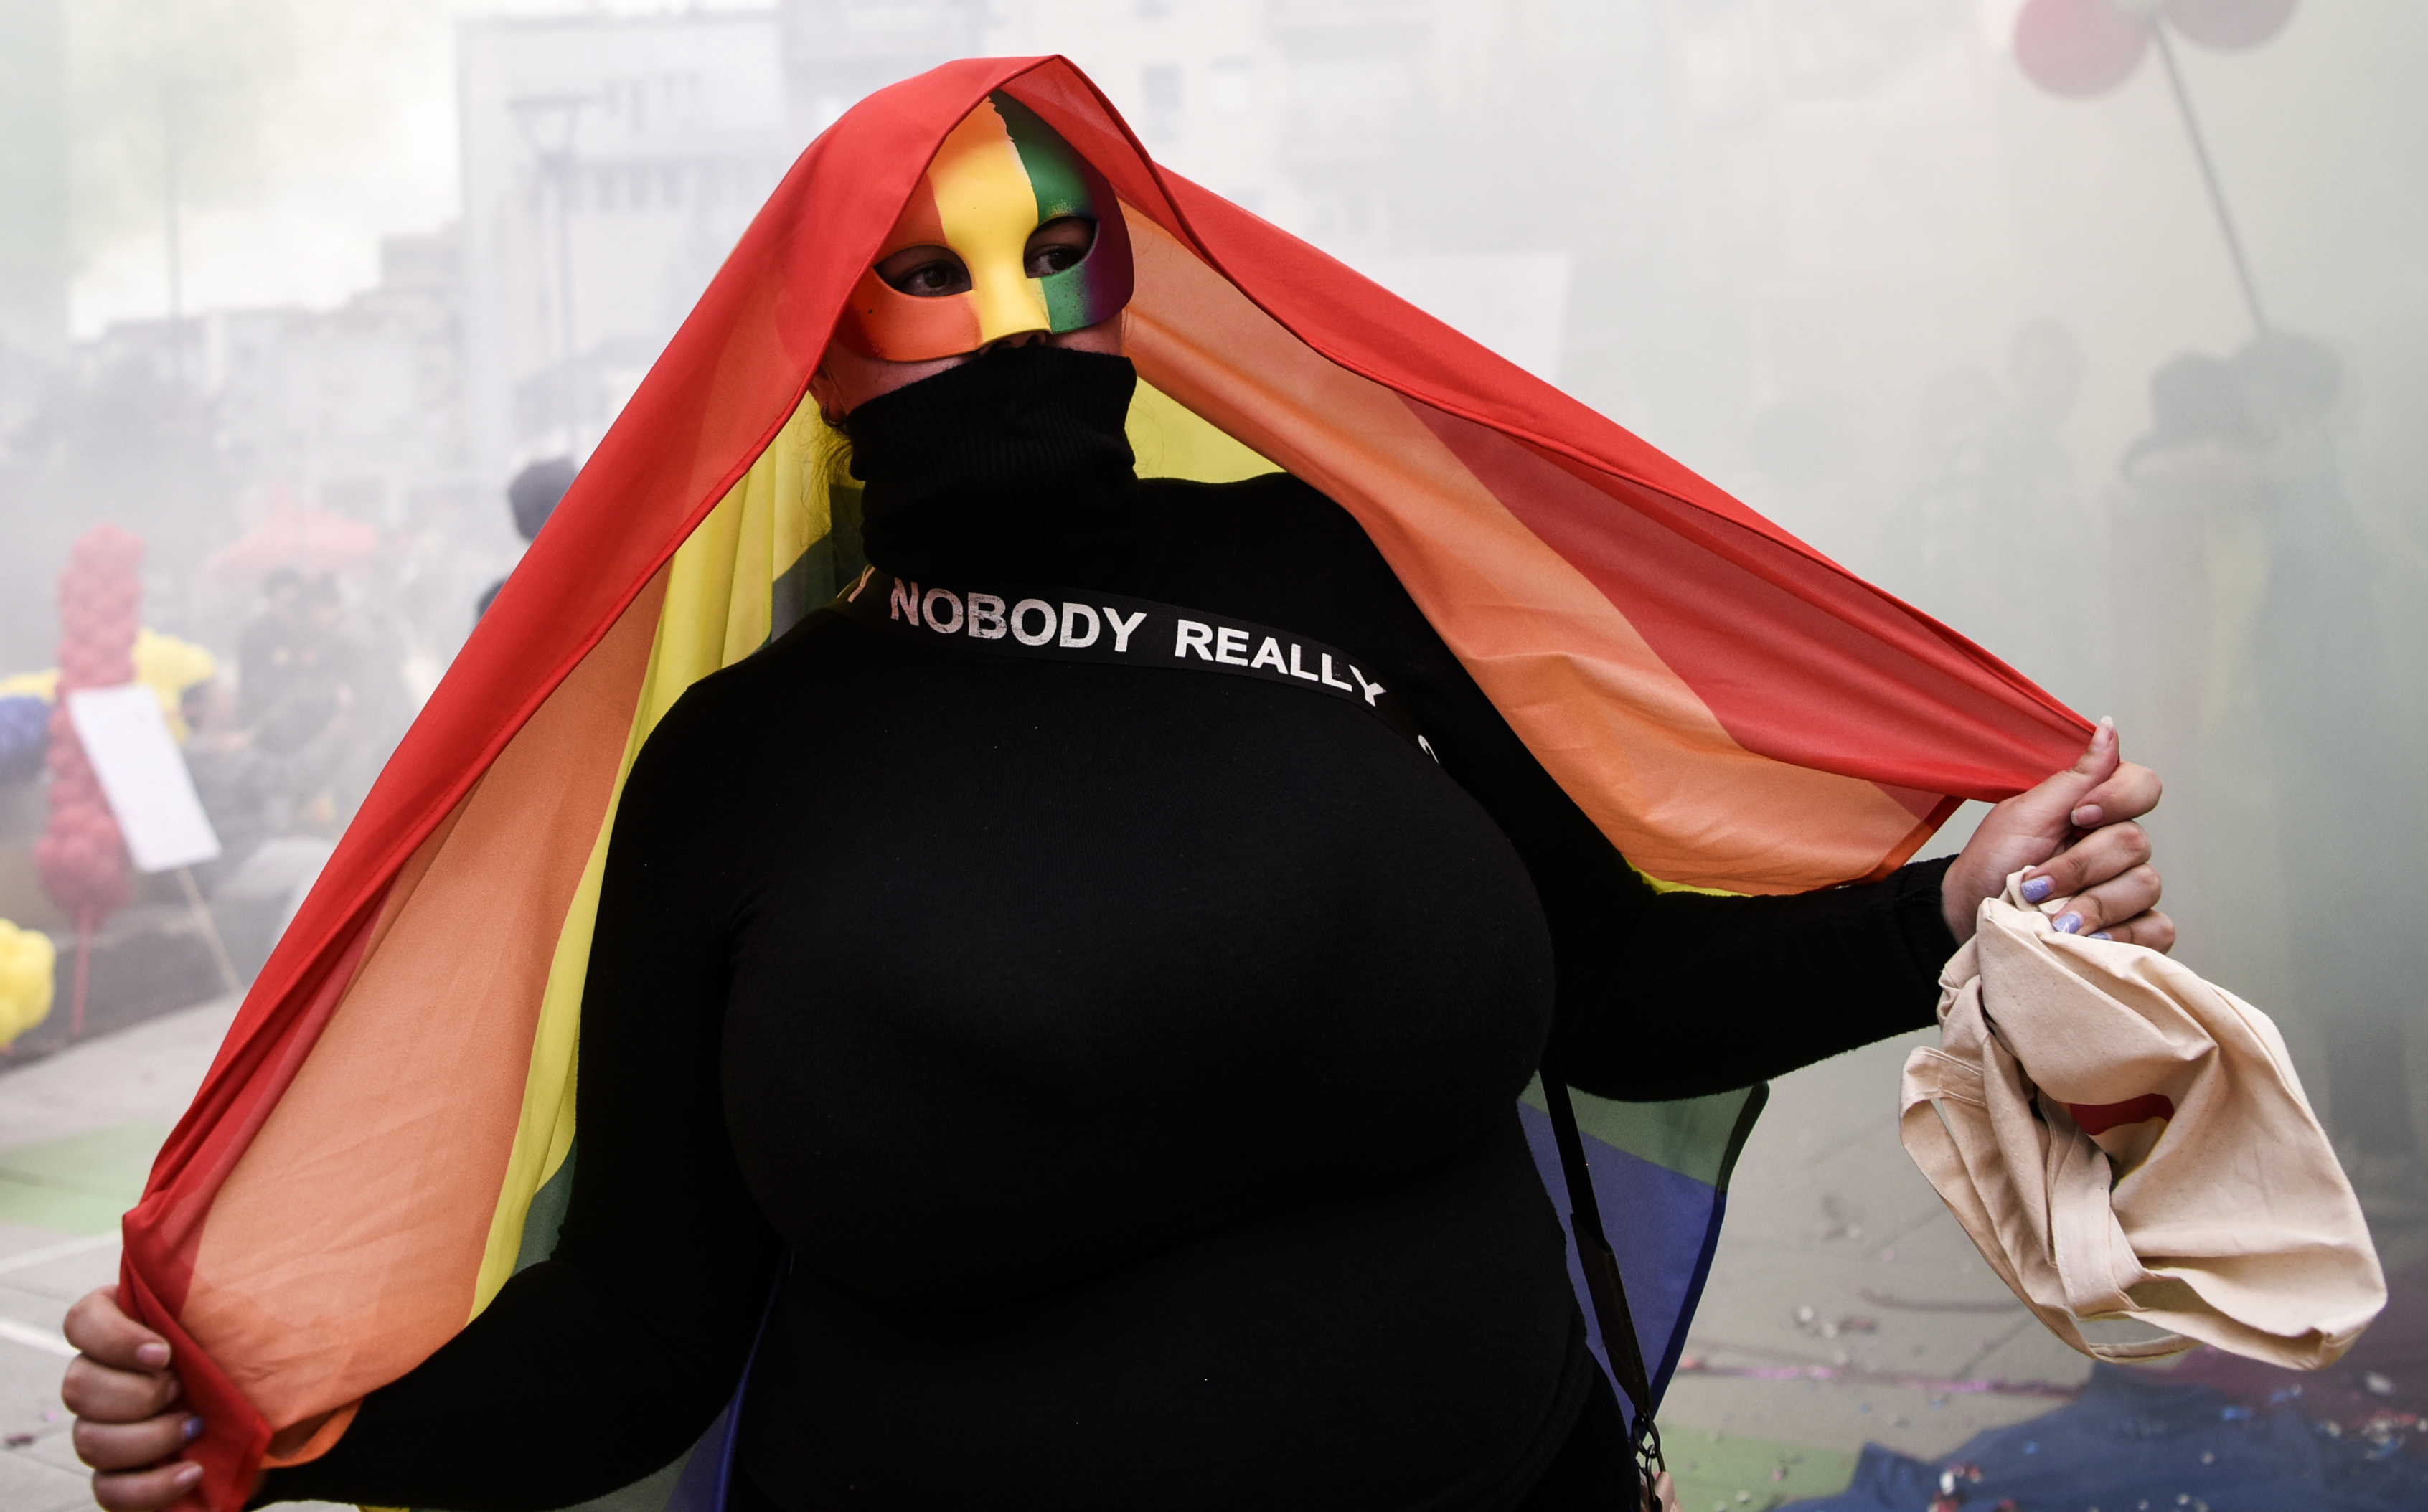 Nemzeti napja lett a nemhez és a szexuális orientációhoz kötődő diszkriminációnak Olaszországban